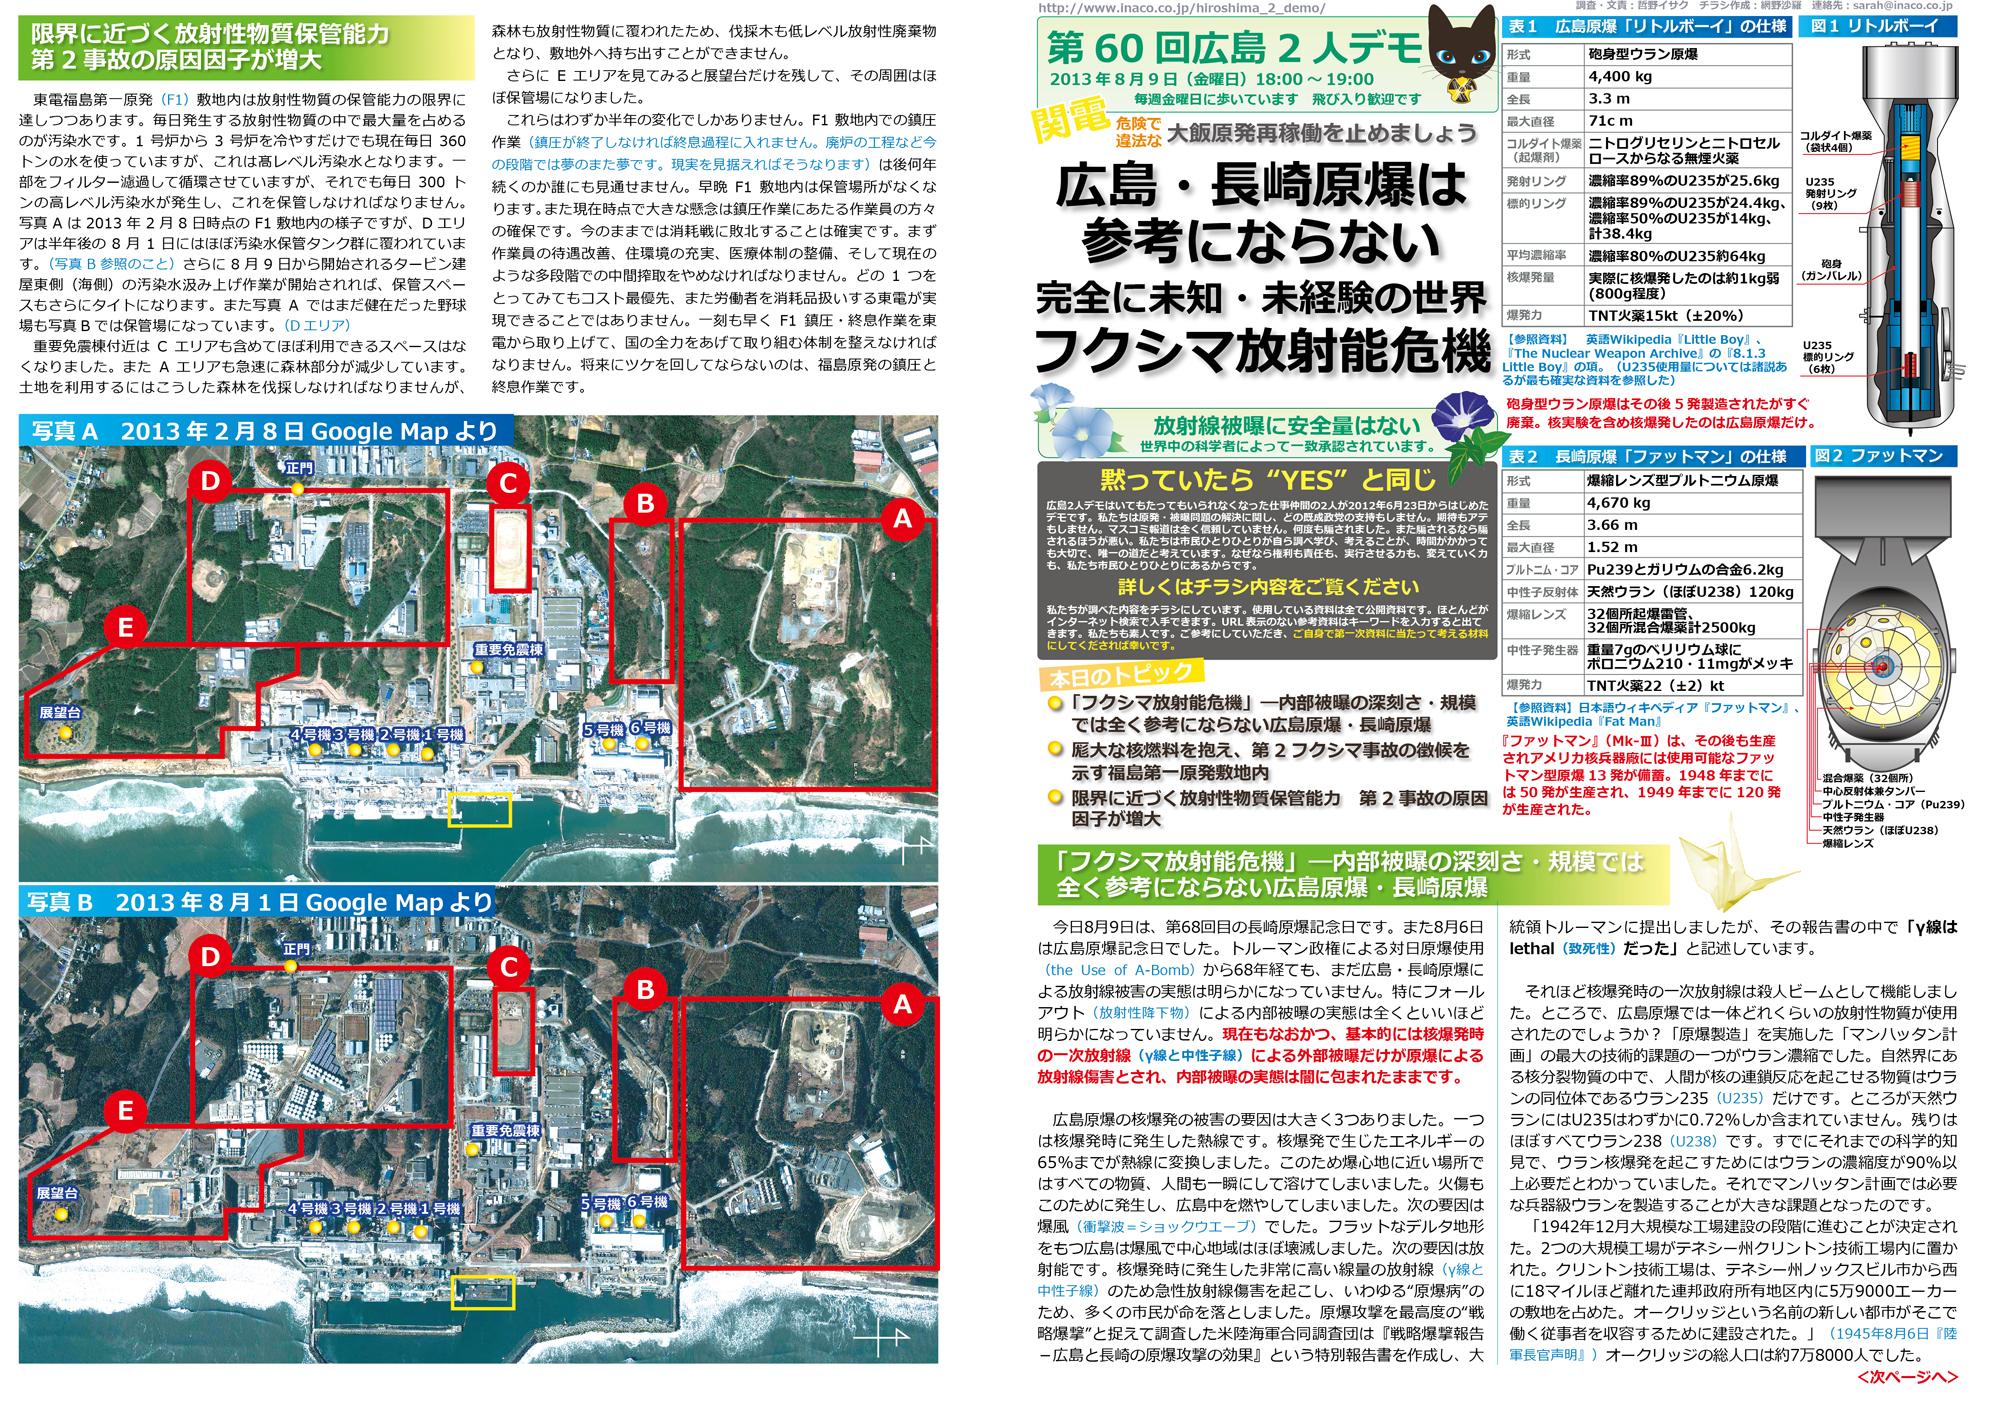 ファイル 182-1.jpg